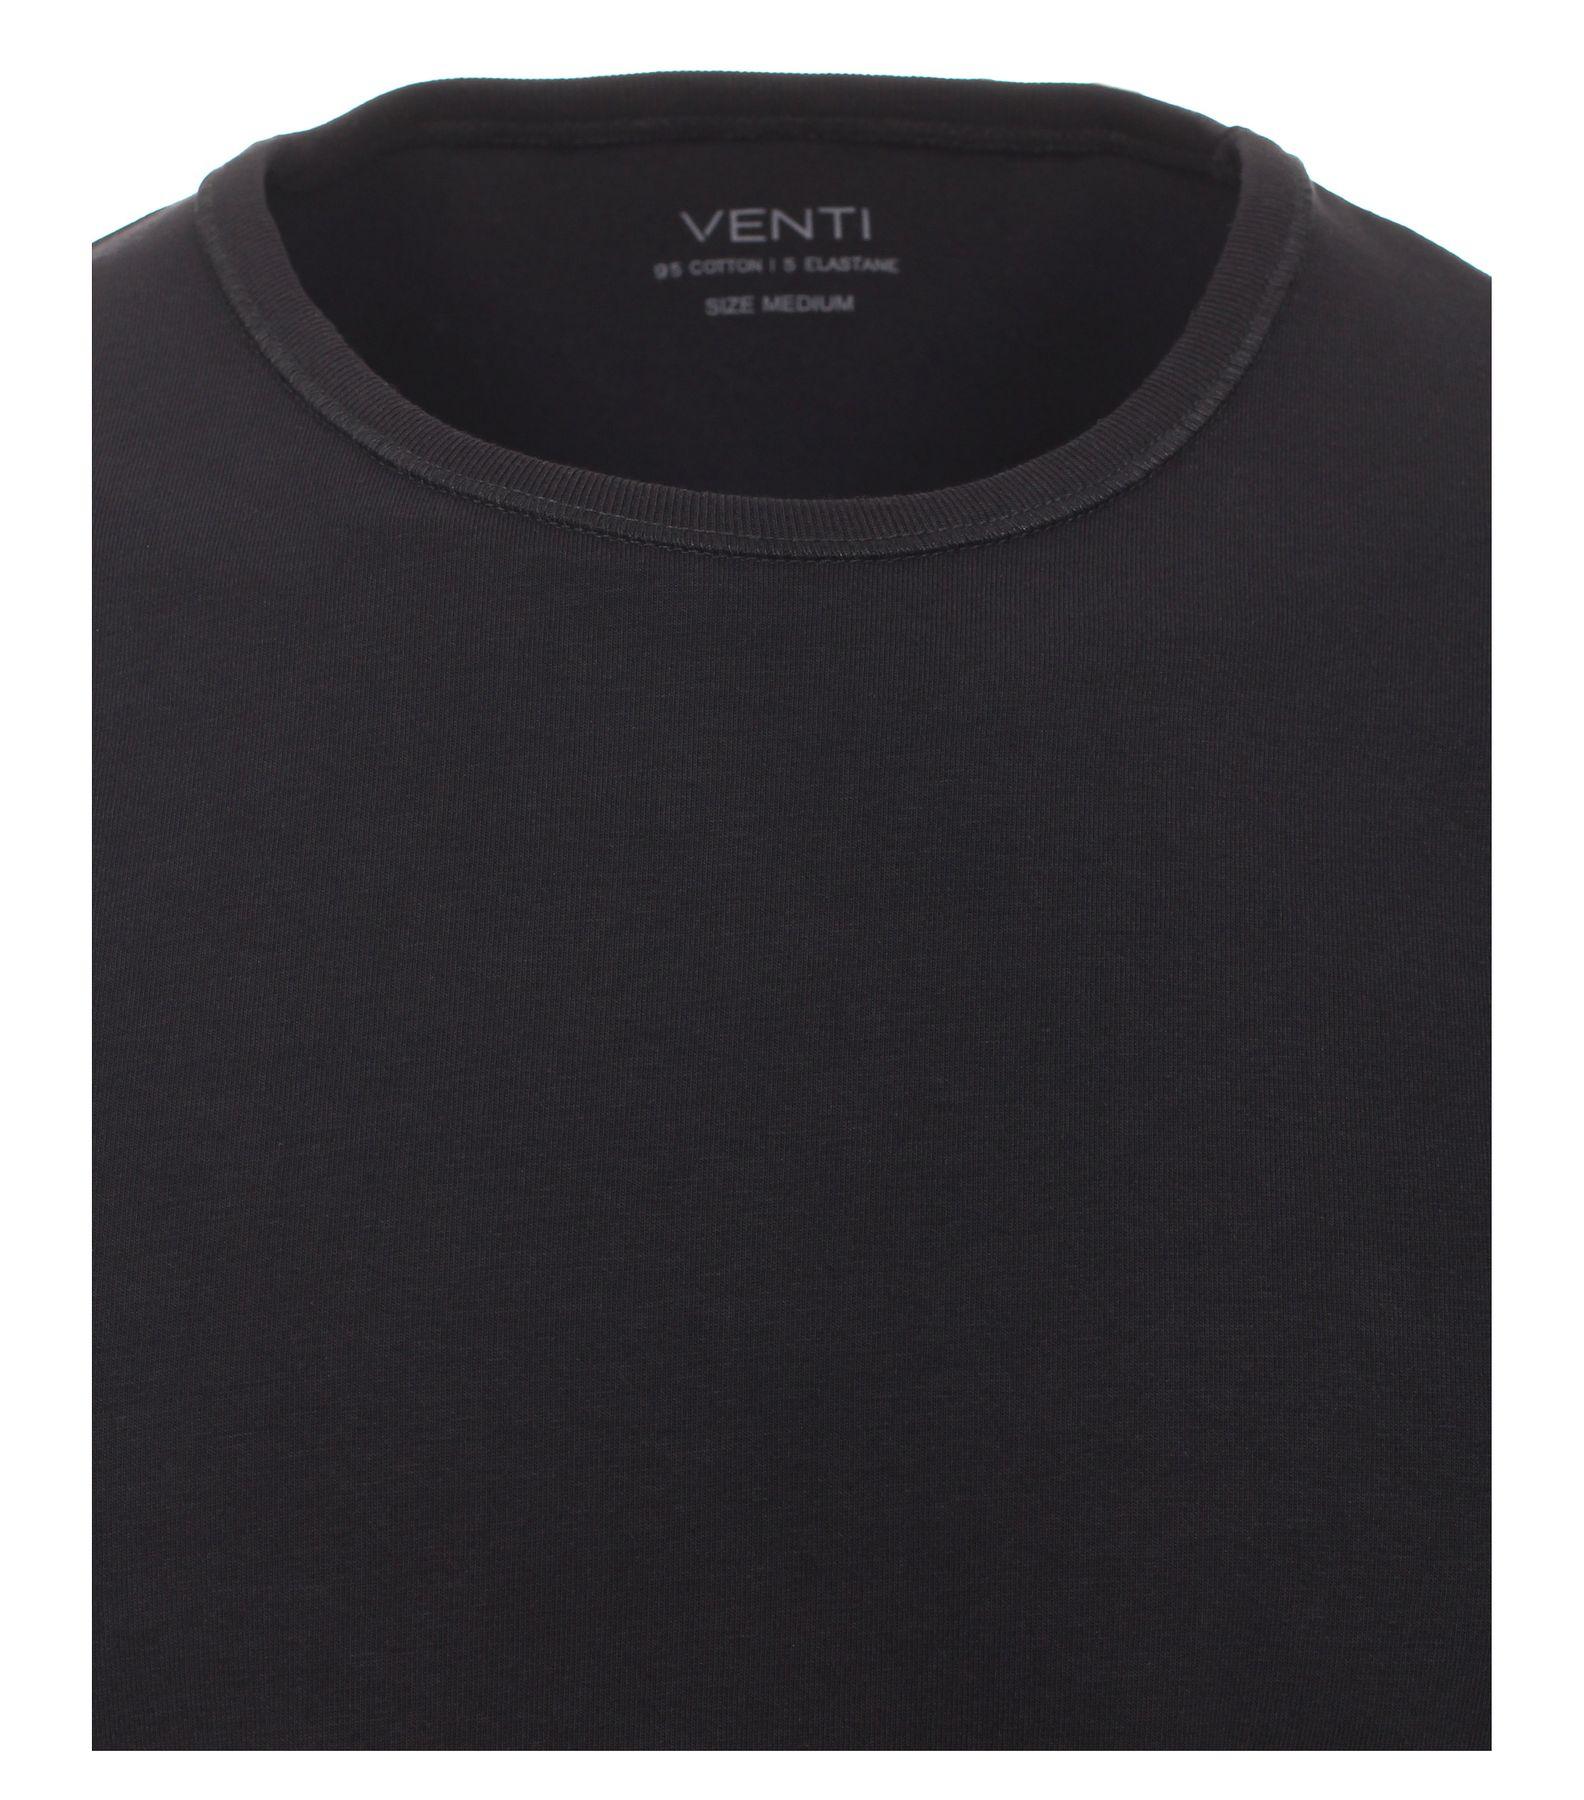 Venti - Herren T-Shirt mit Rundhals im 2er Pack, schwarz oder weiß, S-XXL (012500) – Bild 6